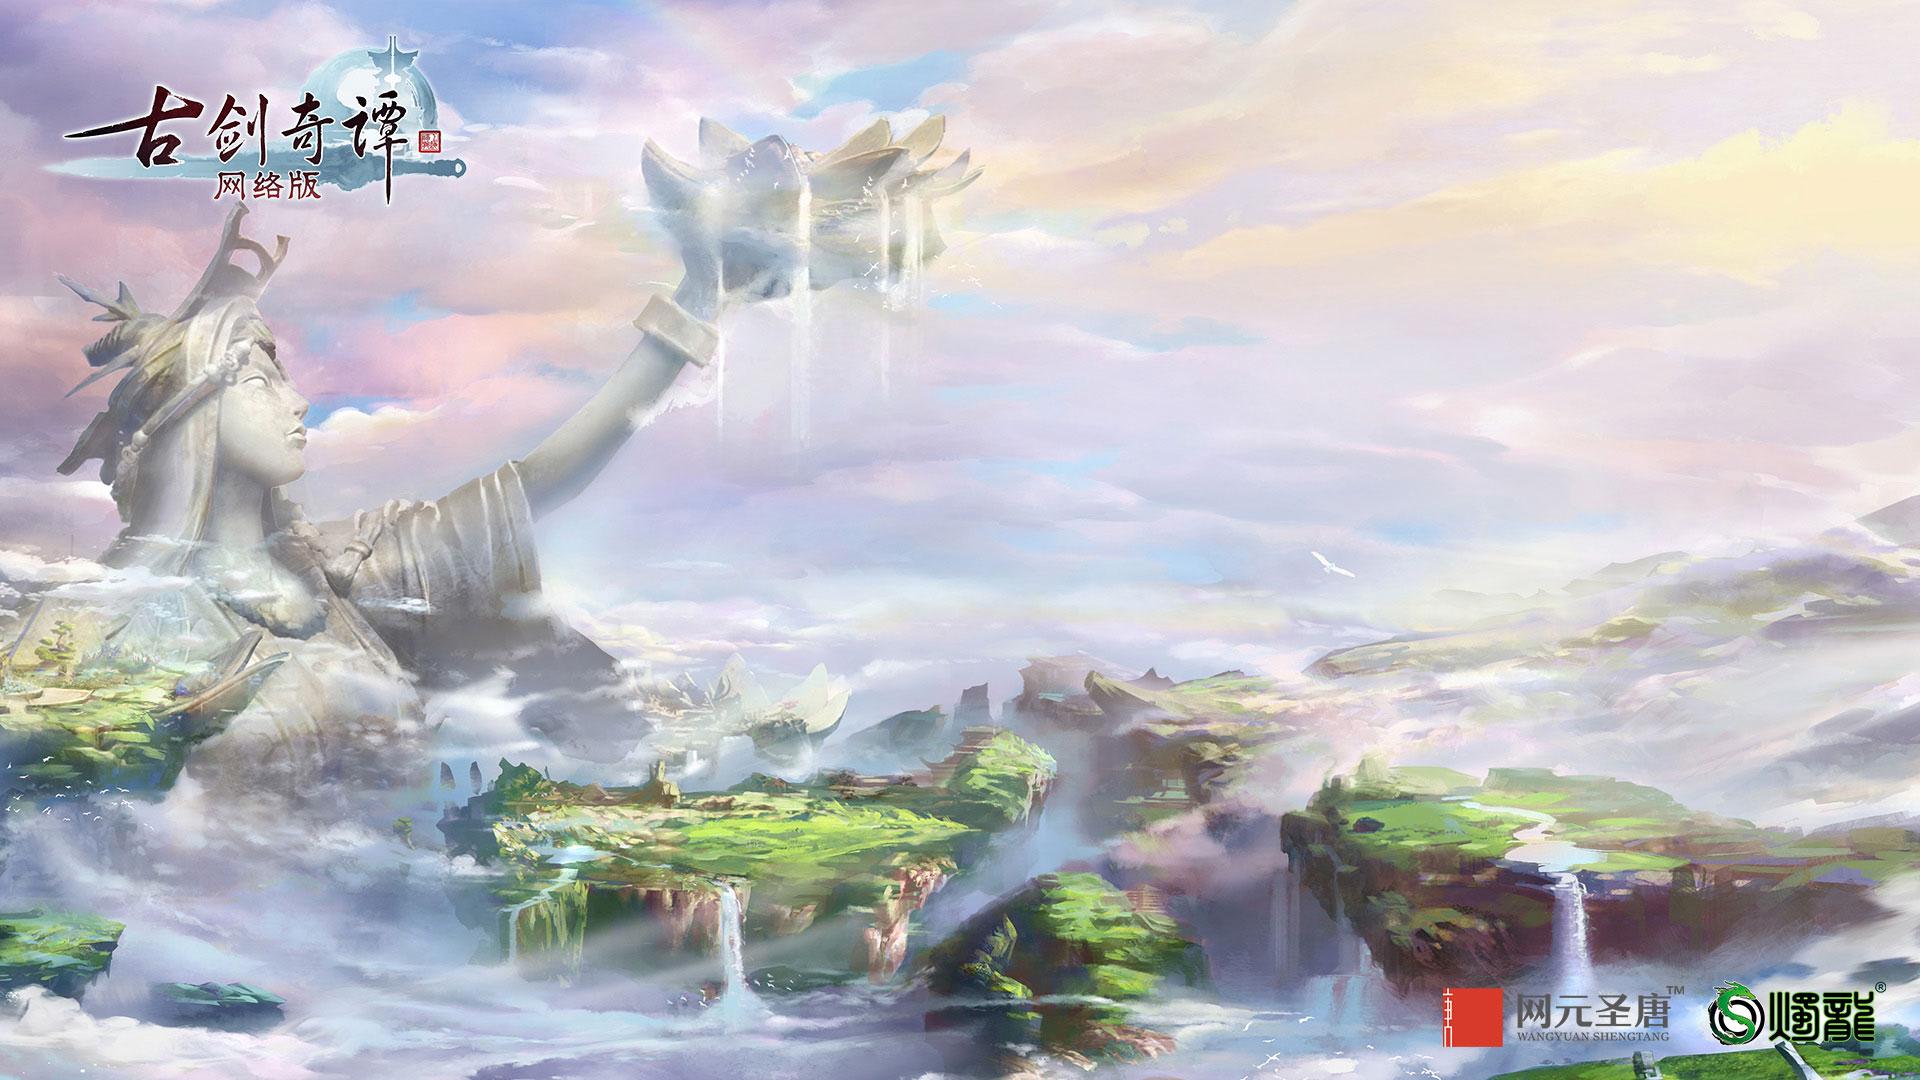 《古剑奇谭网络版》仙气场景图